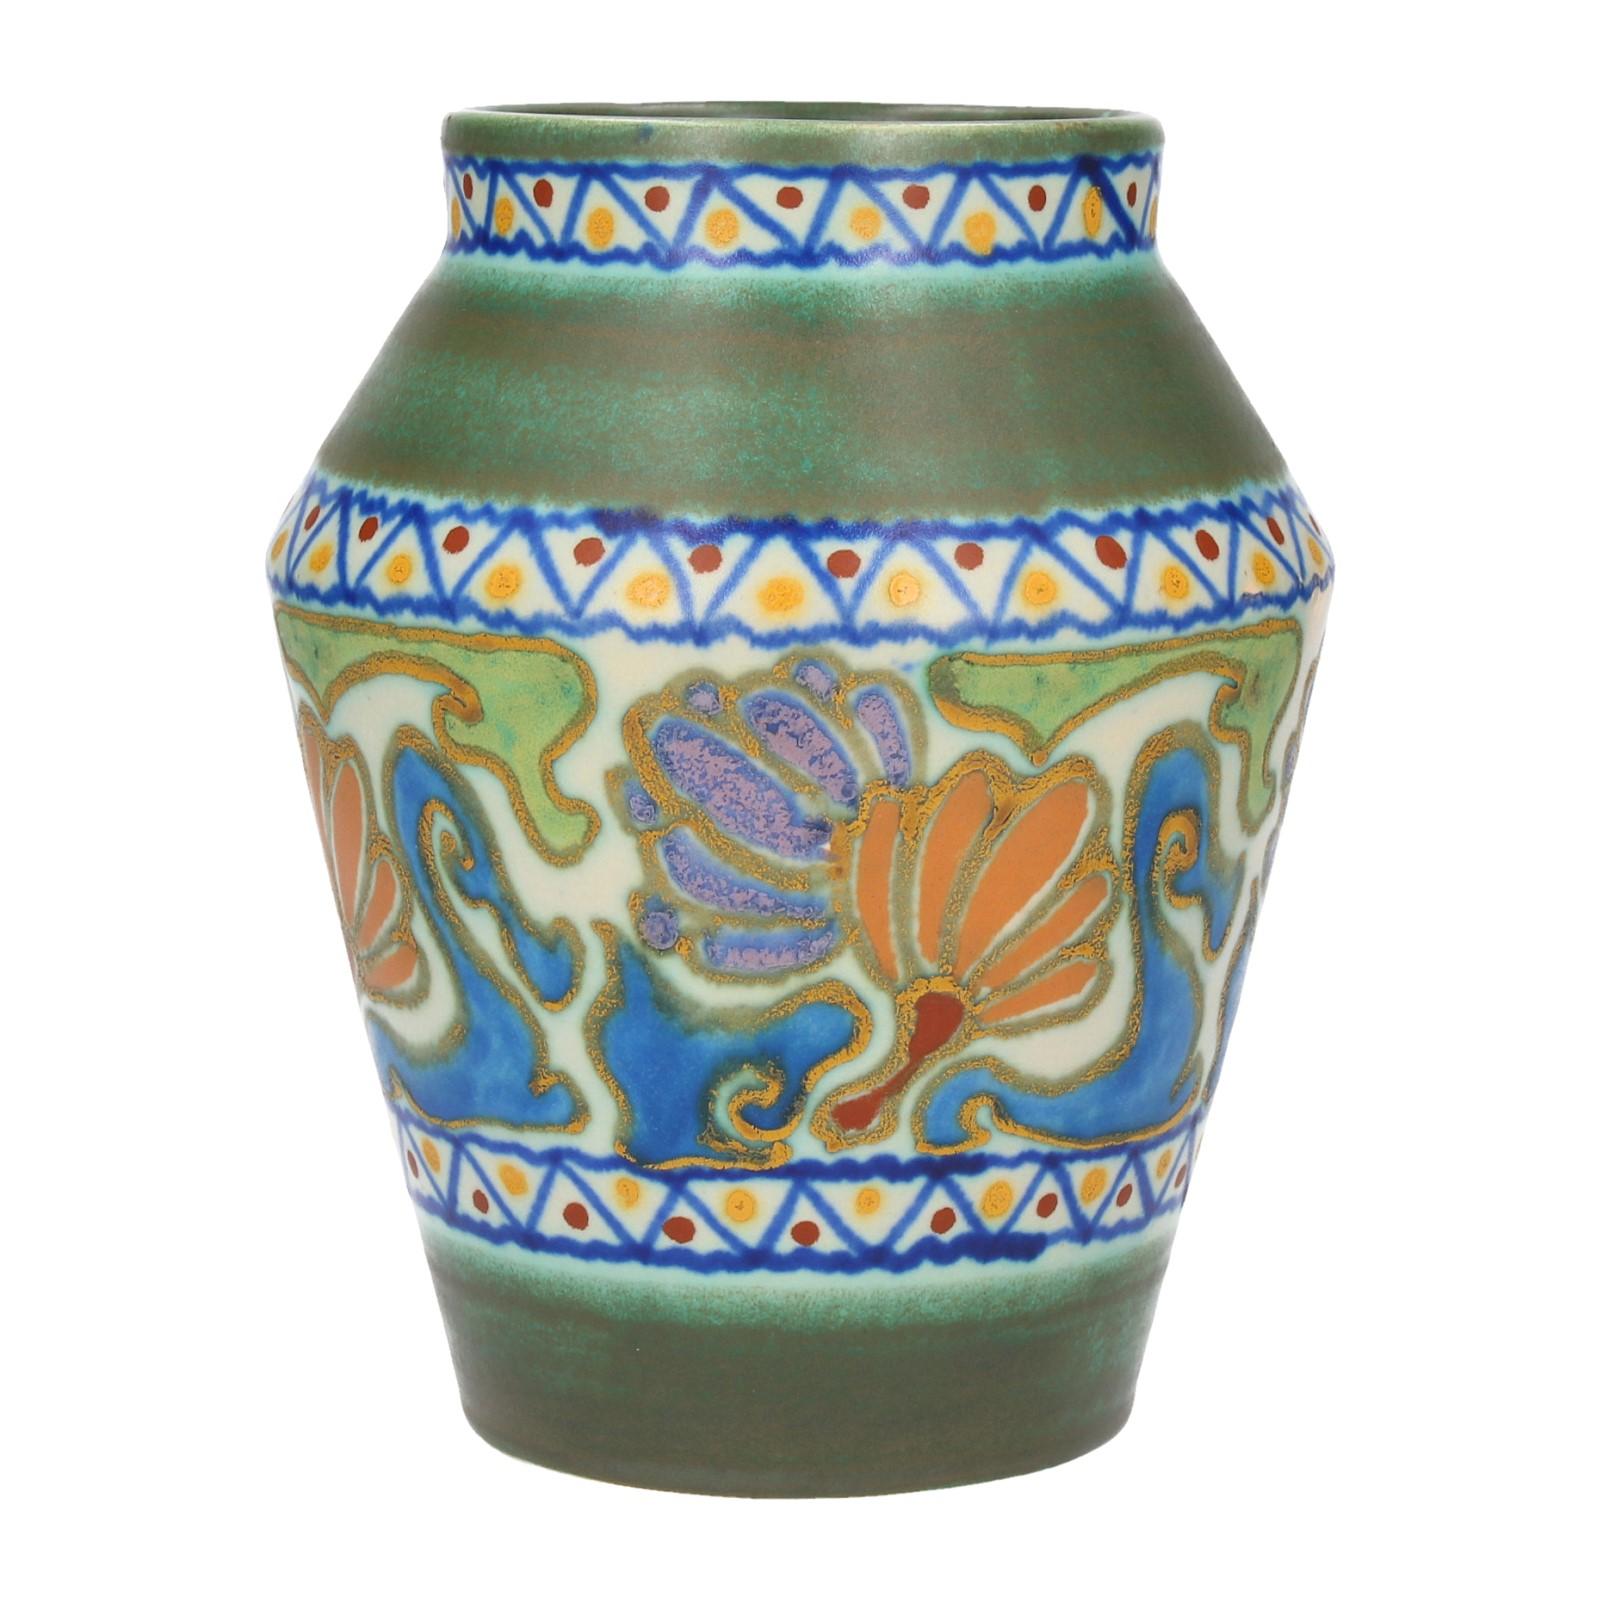 un gouda pottery crocus motif vase années 1920 hollandaise art deco